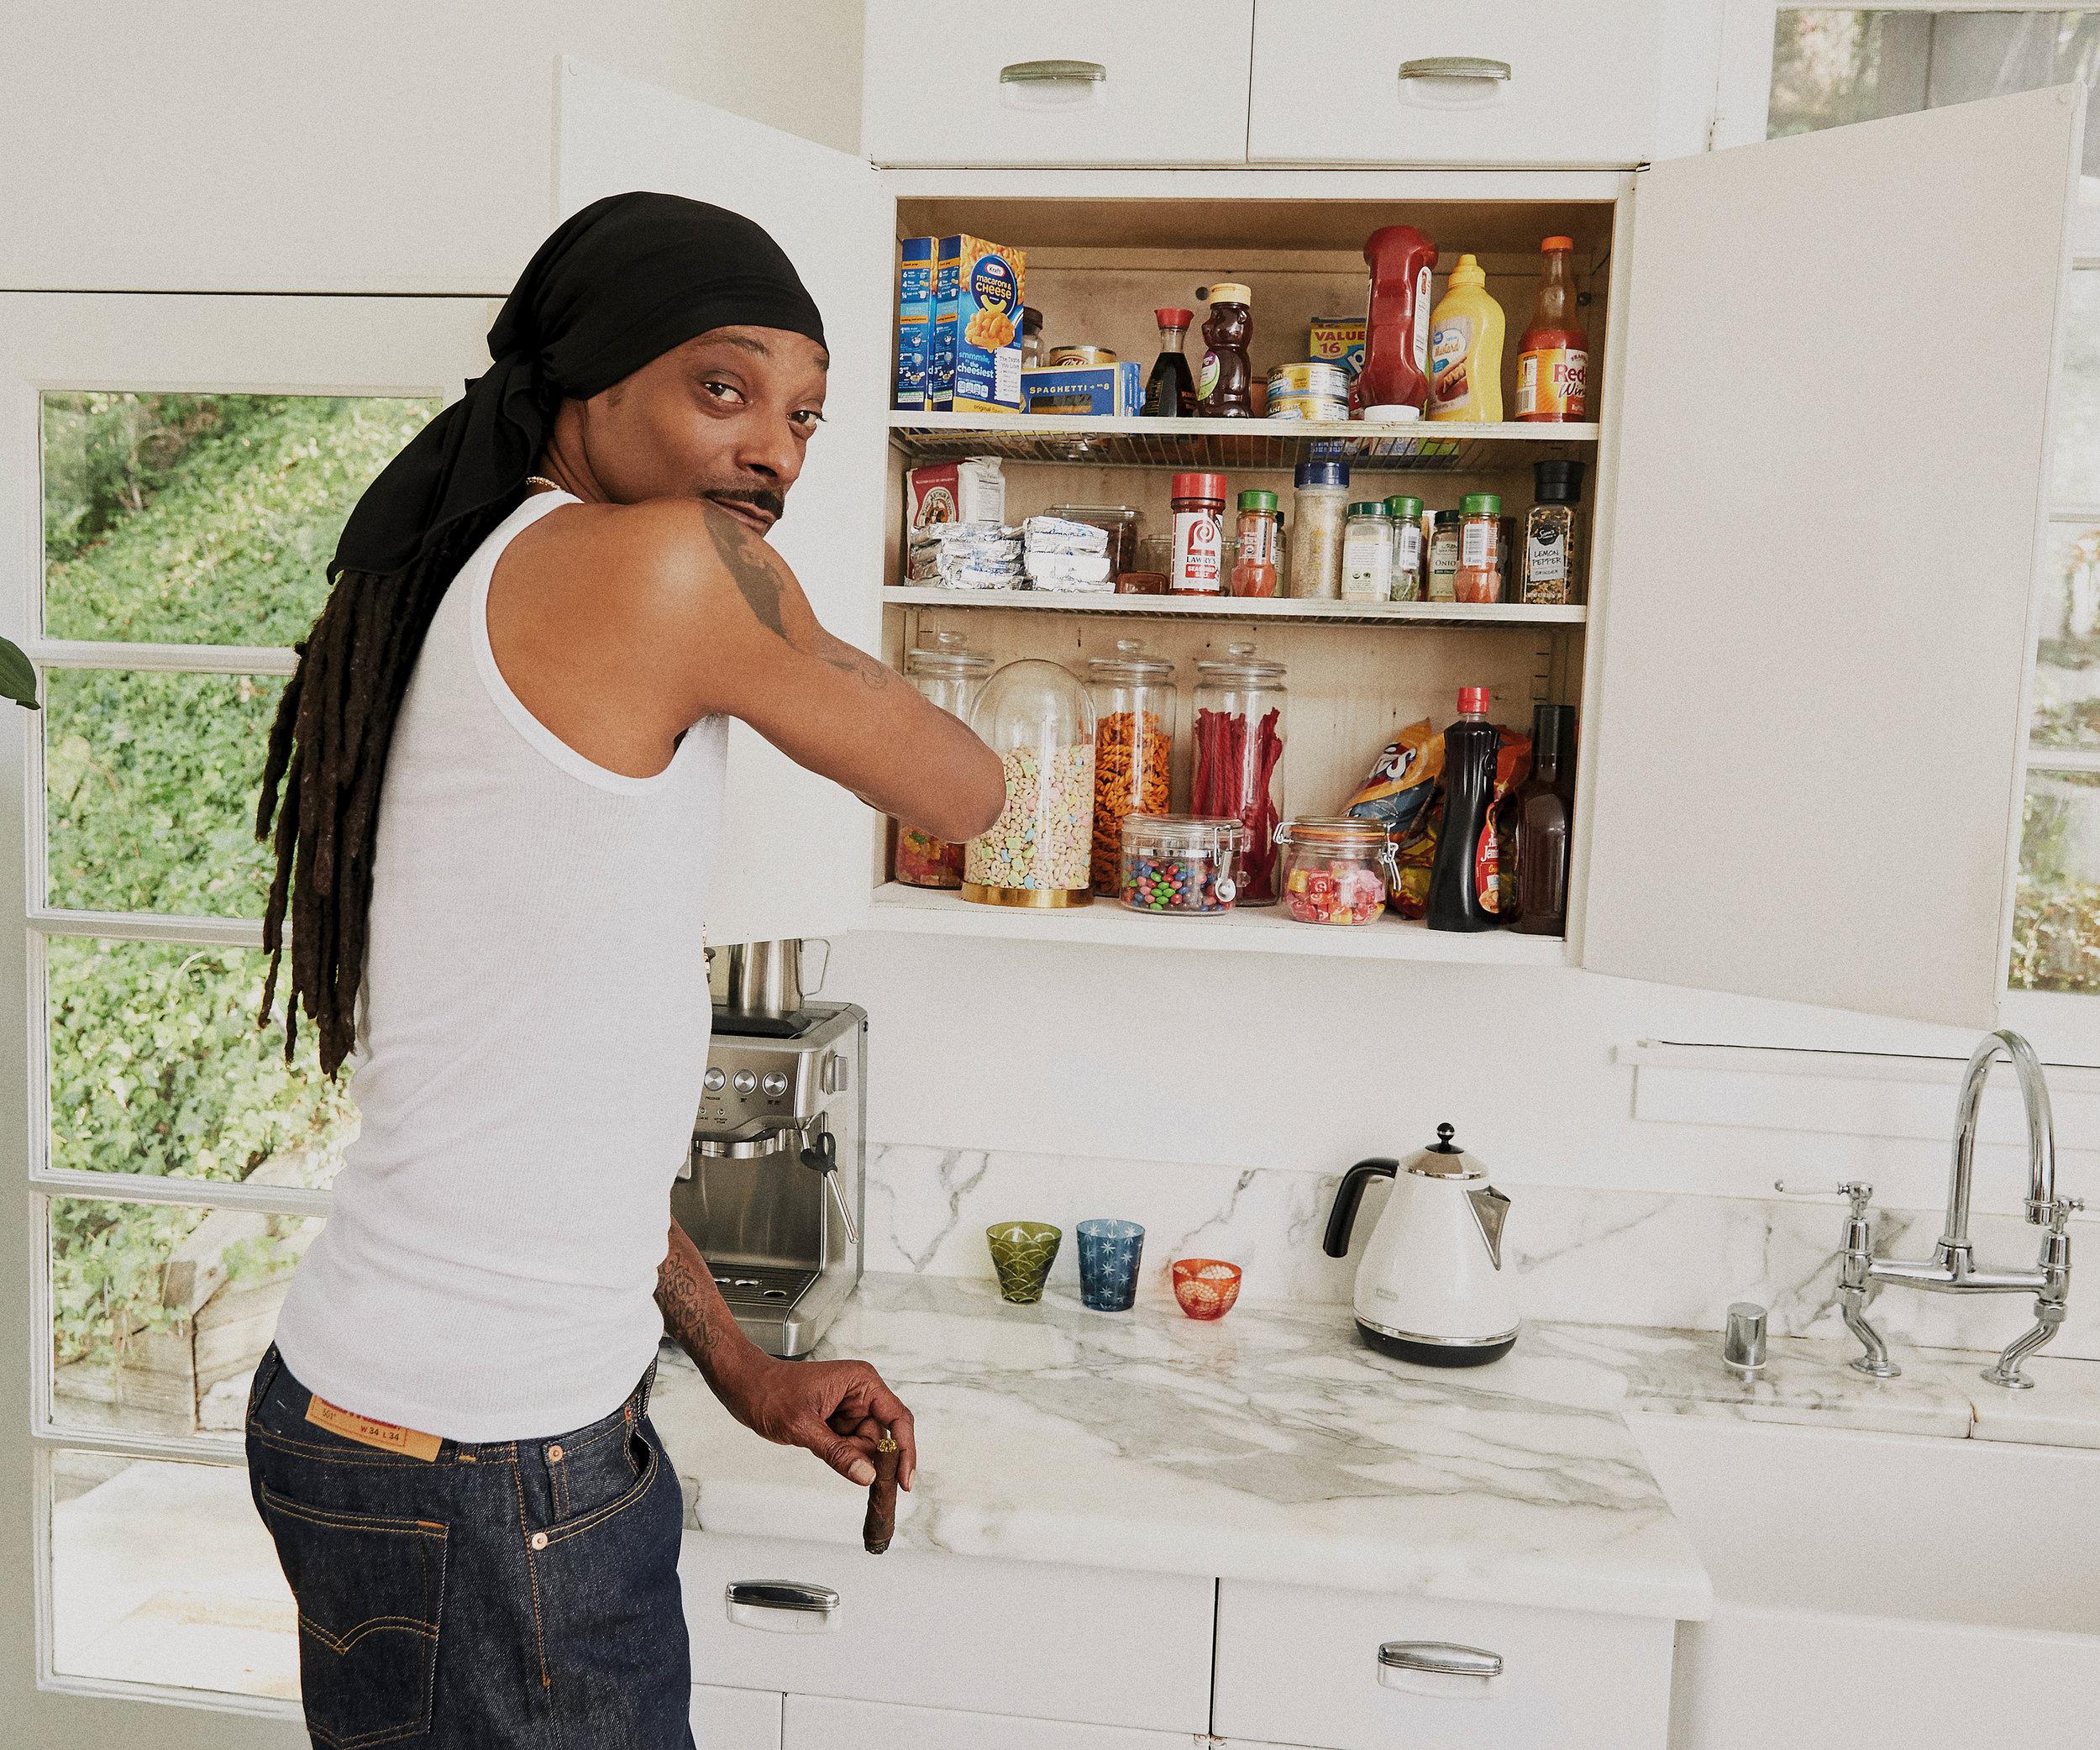 """Il rapper Snoop Dogg ci fa entrare nella sua cucina con il suo primo libro di ricette """"Crook to Cook: Platinum Recipes from tha Dogg's Kitchen"""" edito da Chronicle Books. Foto © 2018 Antonis Achilleos and Heather Gildroy / Chronicle Books."""